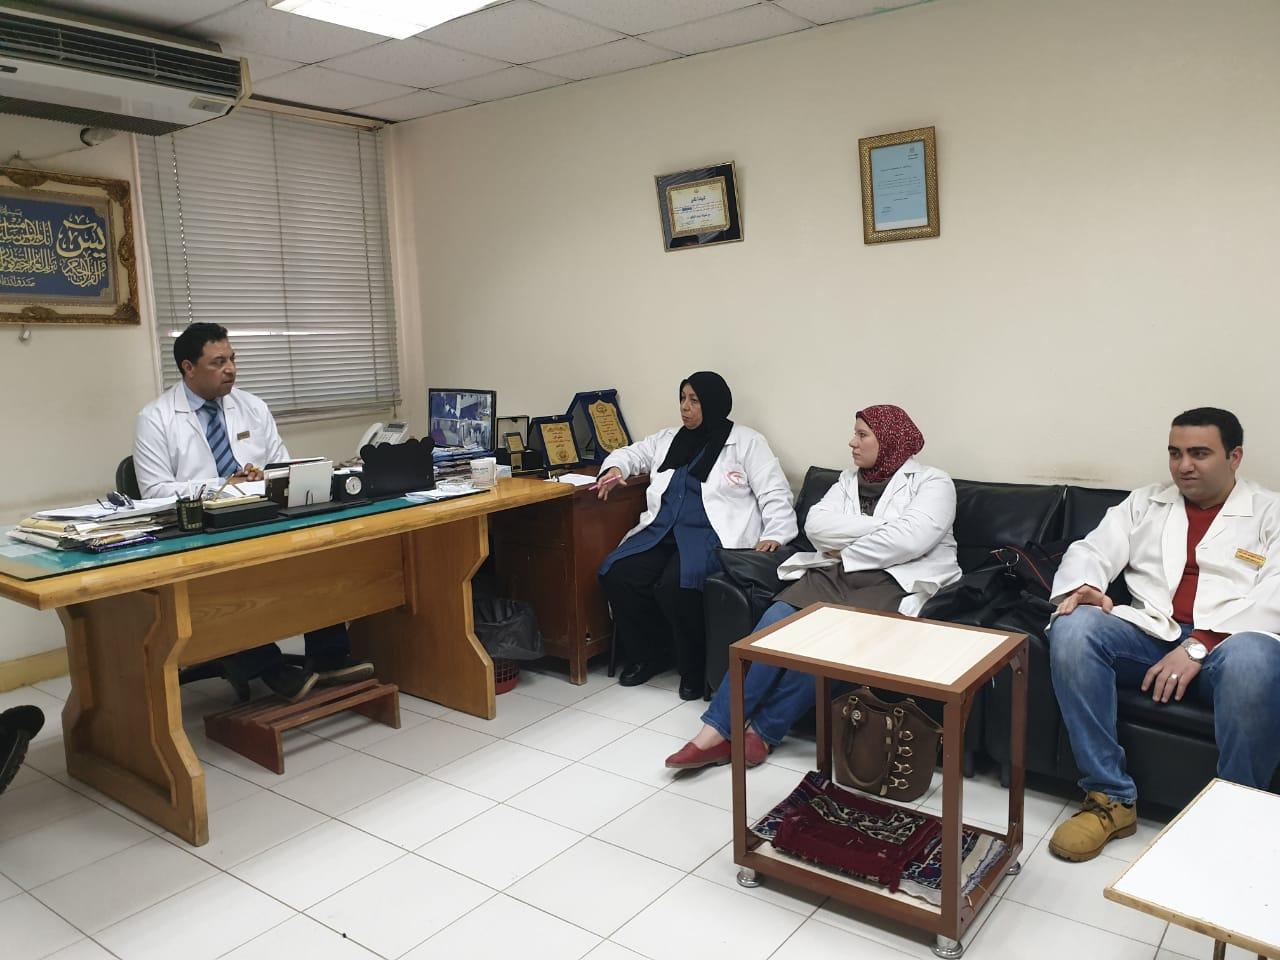 صورة مستشفيات الشرقية تستعد لحملة 100 مليون صحة